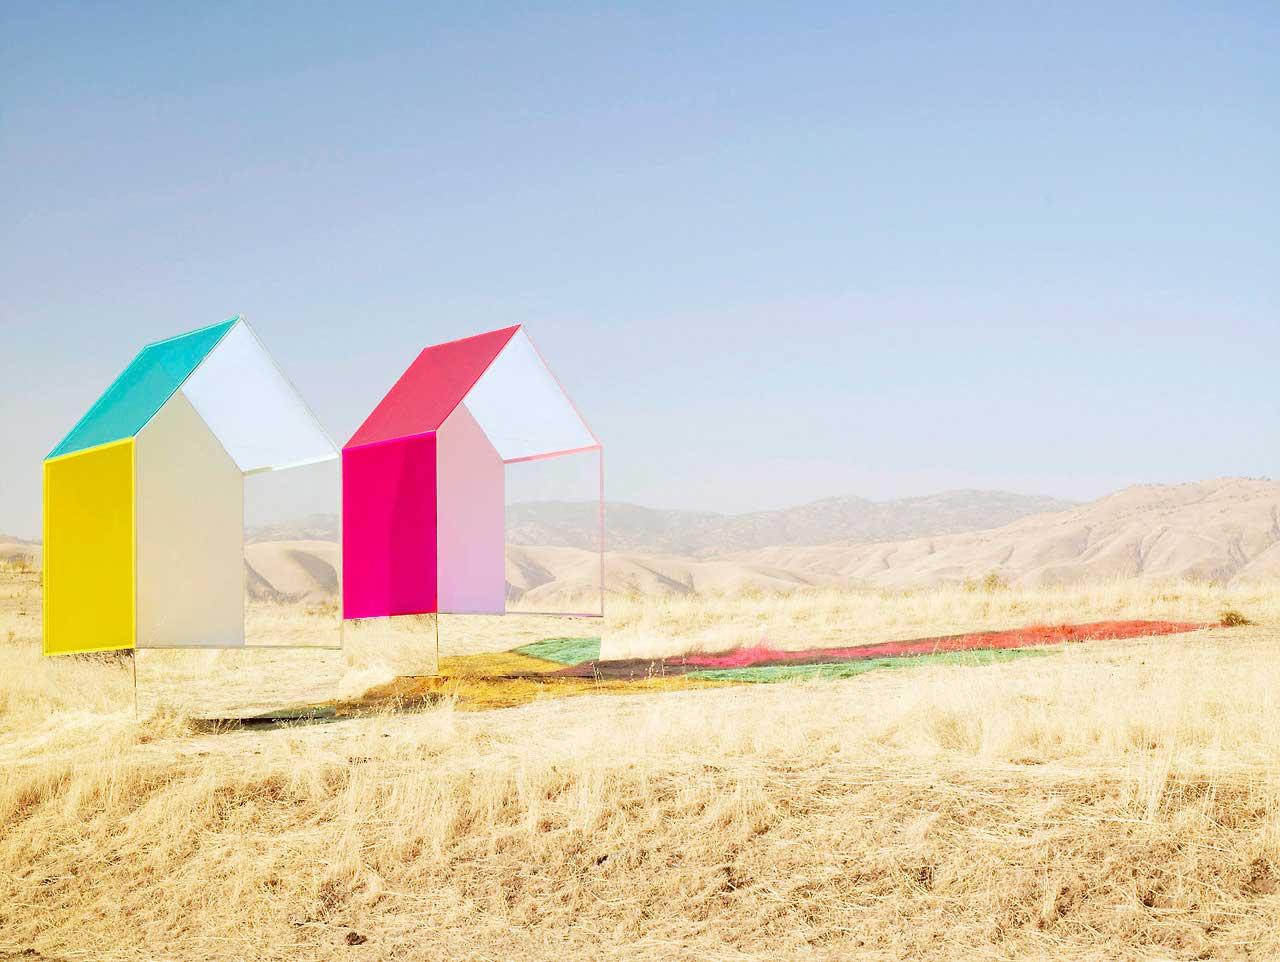 Autumn-de-Wilde-Coloured-Boxes-Yellowtrace-11.jpg